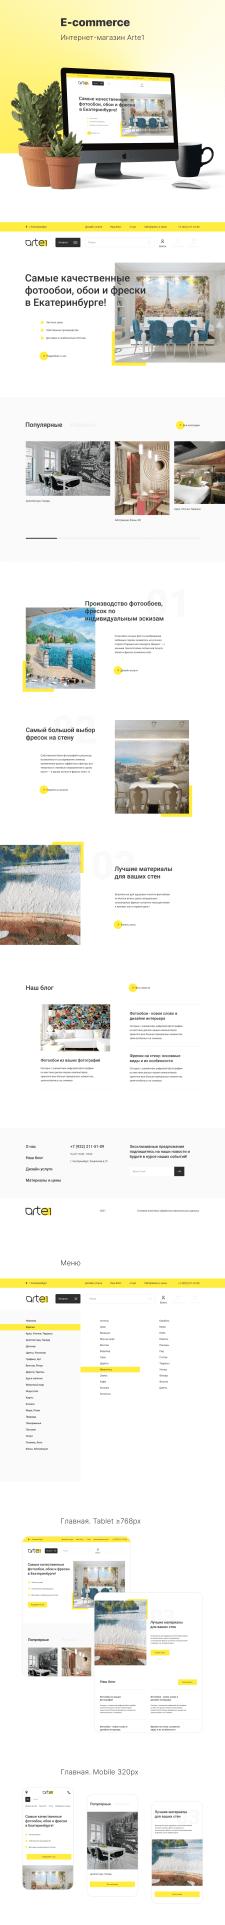 Интернет-магазин E-commerce Редизайн Концепт